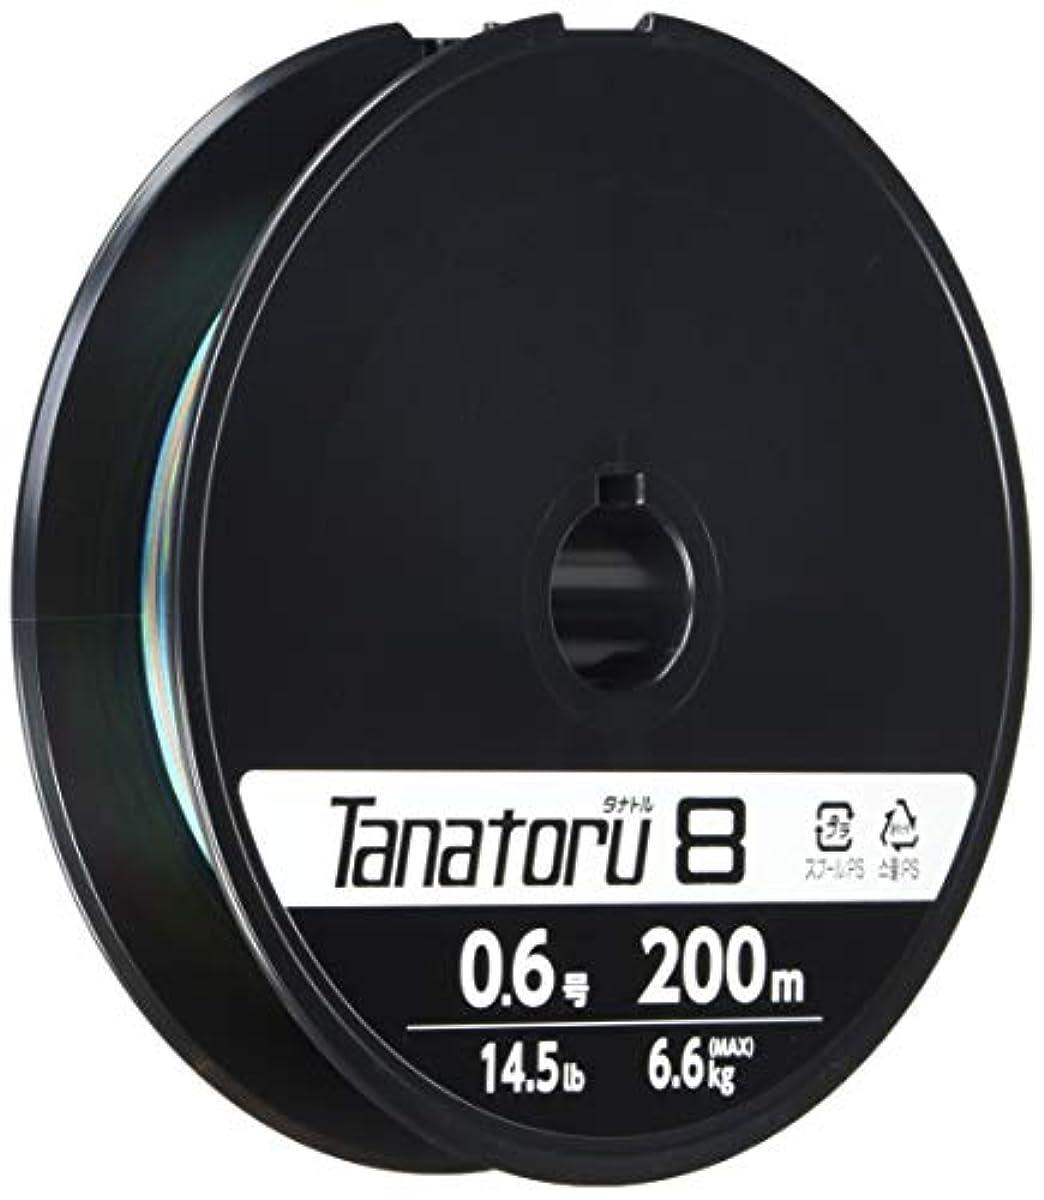 [해외] 시마노 PE라인 다나토루 8개 뜨기 200M 멀티 컬러 PL-F68R